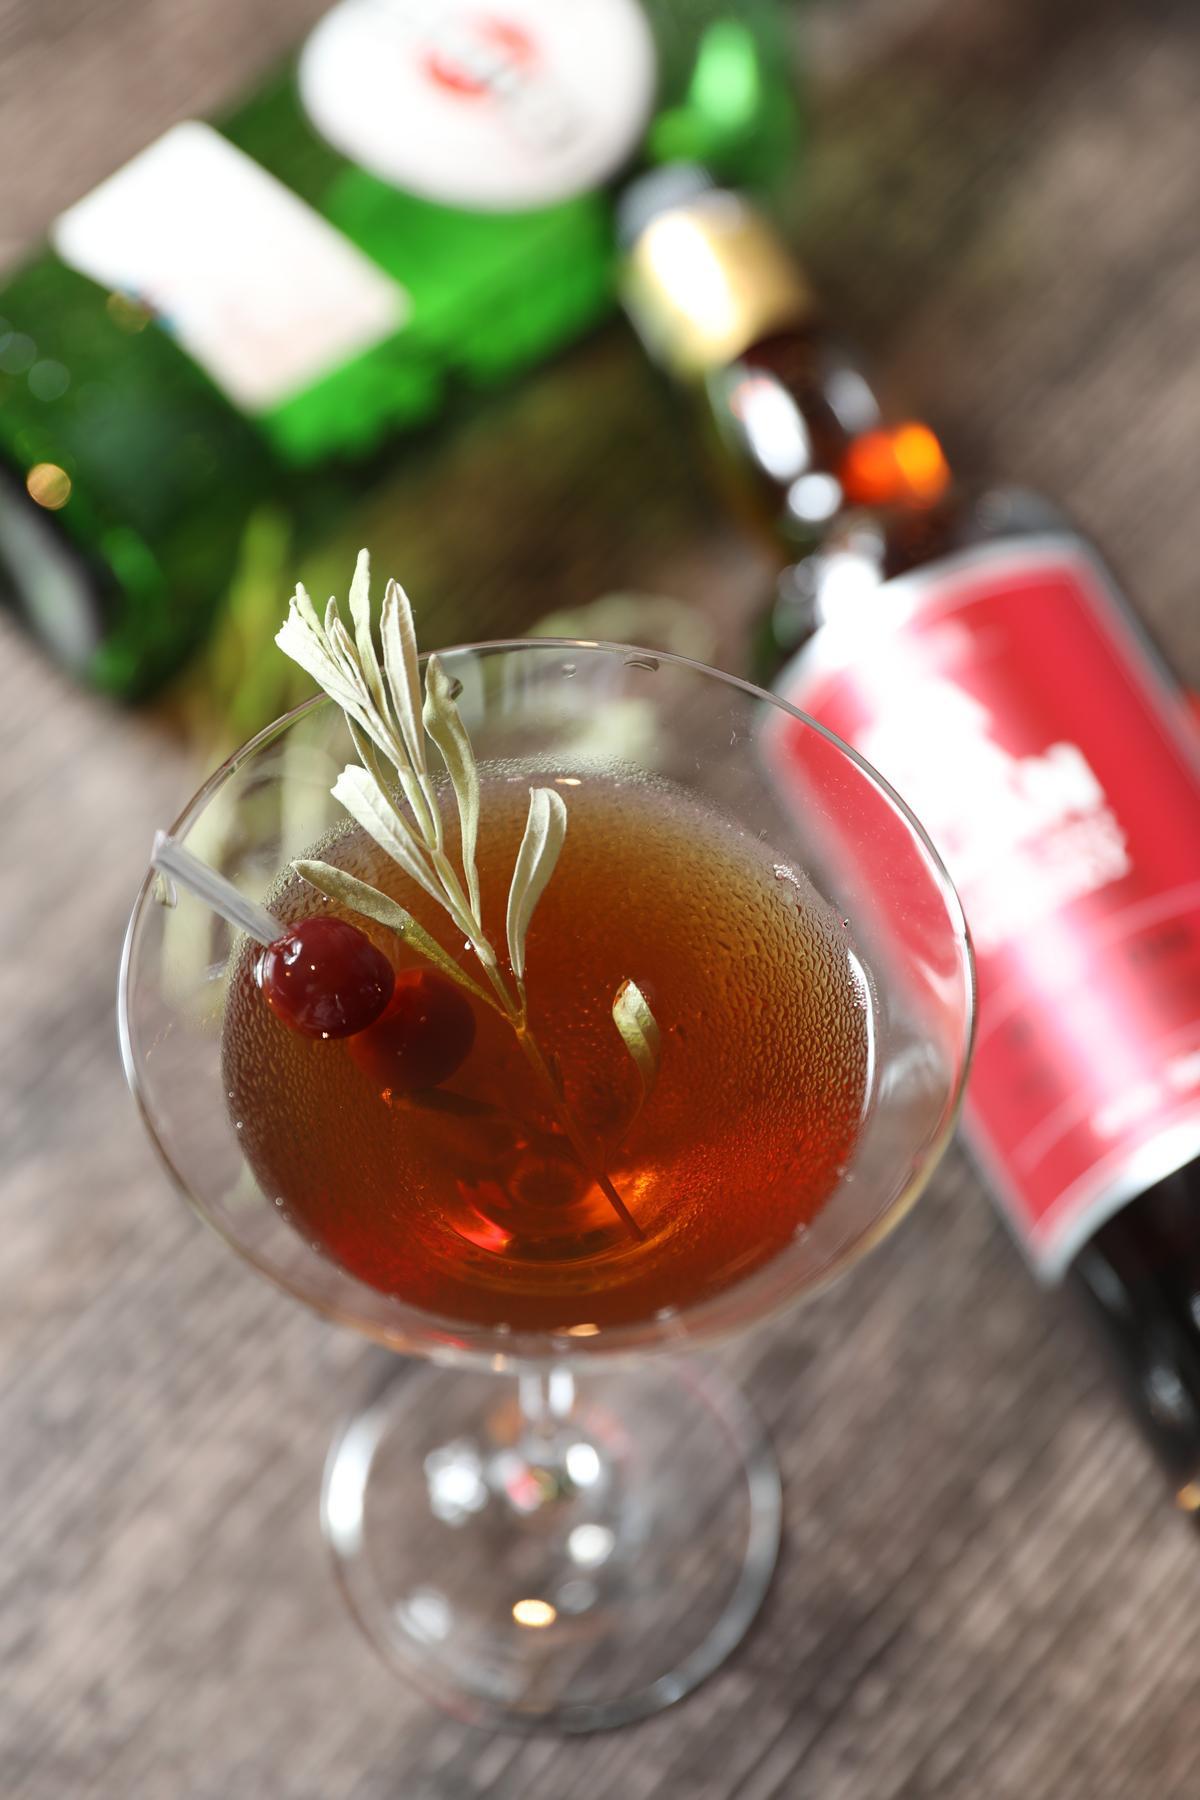 「漫遊宜蘭」以「噶瑪蘭OLOROSO雪莉桶單一麥芽威士忌」為基底,加上薰衣草苦精、迷迭香酒,沈穩內斂。(480元/杯)